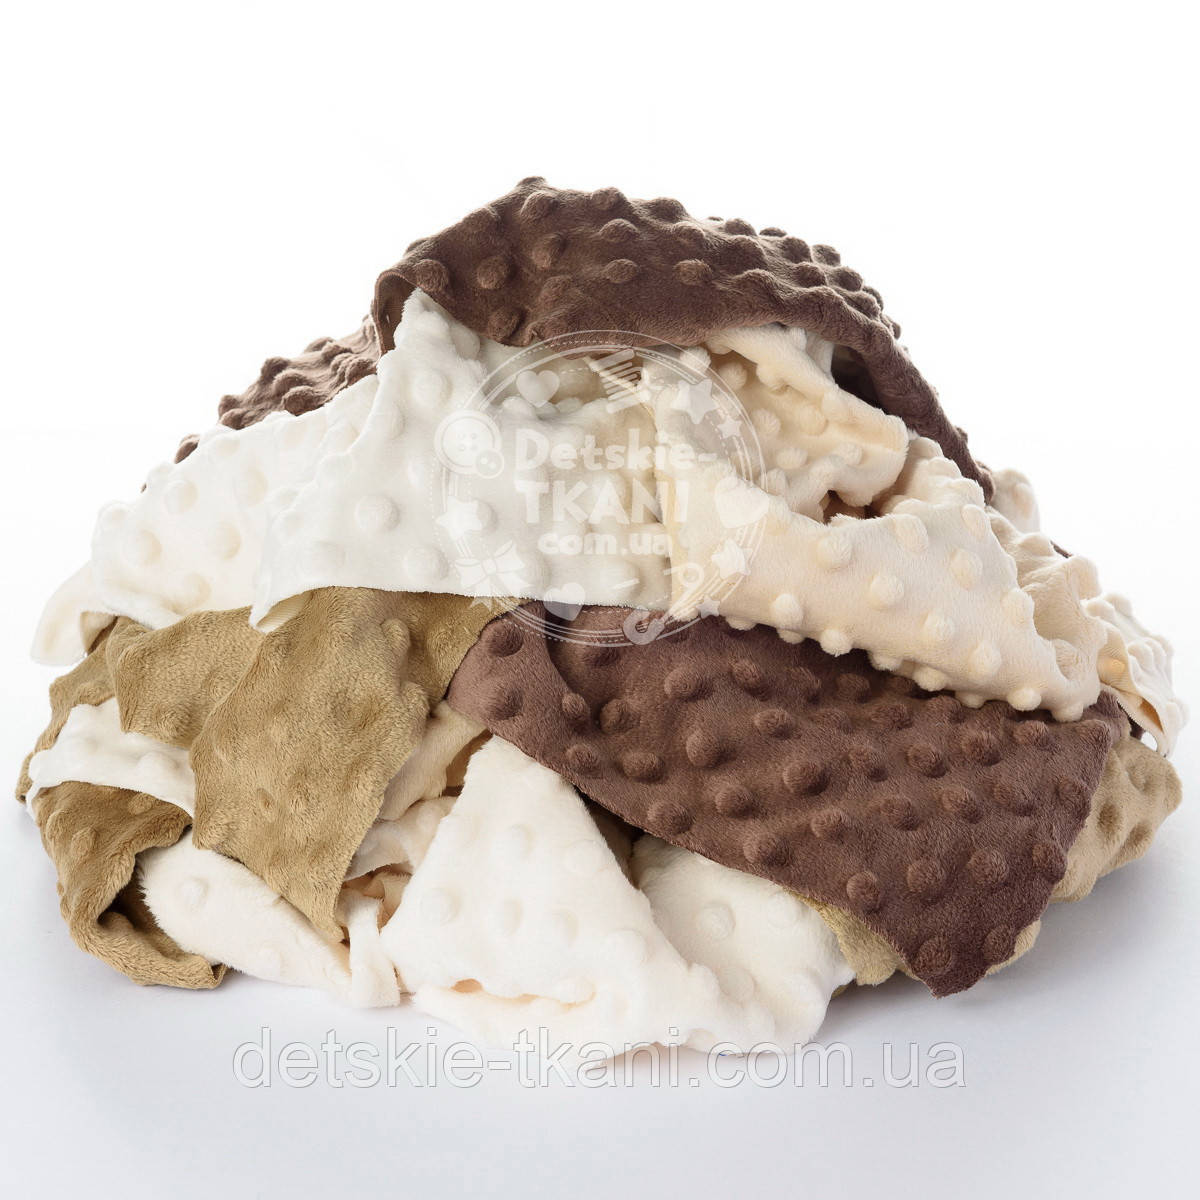 Плюш Minky лоскуты для рукоделия в бежево-коричневых цветах, 0.5 кг